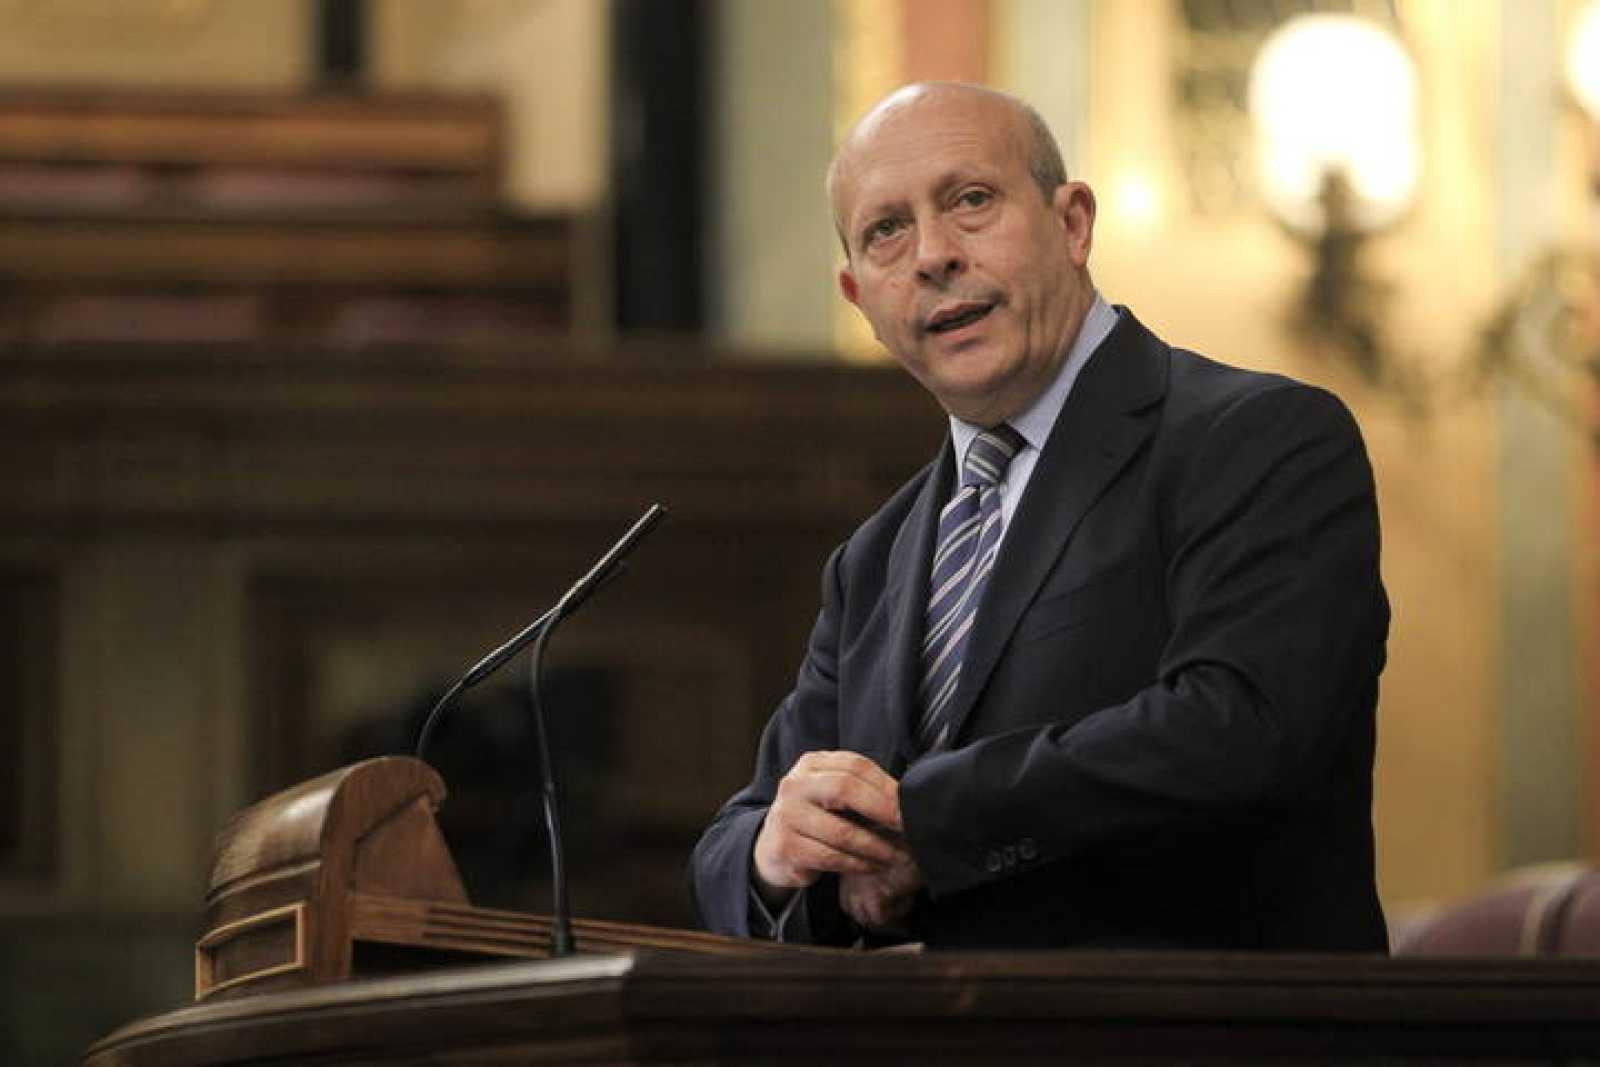 El ministro de Educación, José Ignacio Wert, en una fotografía de archivo.